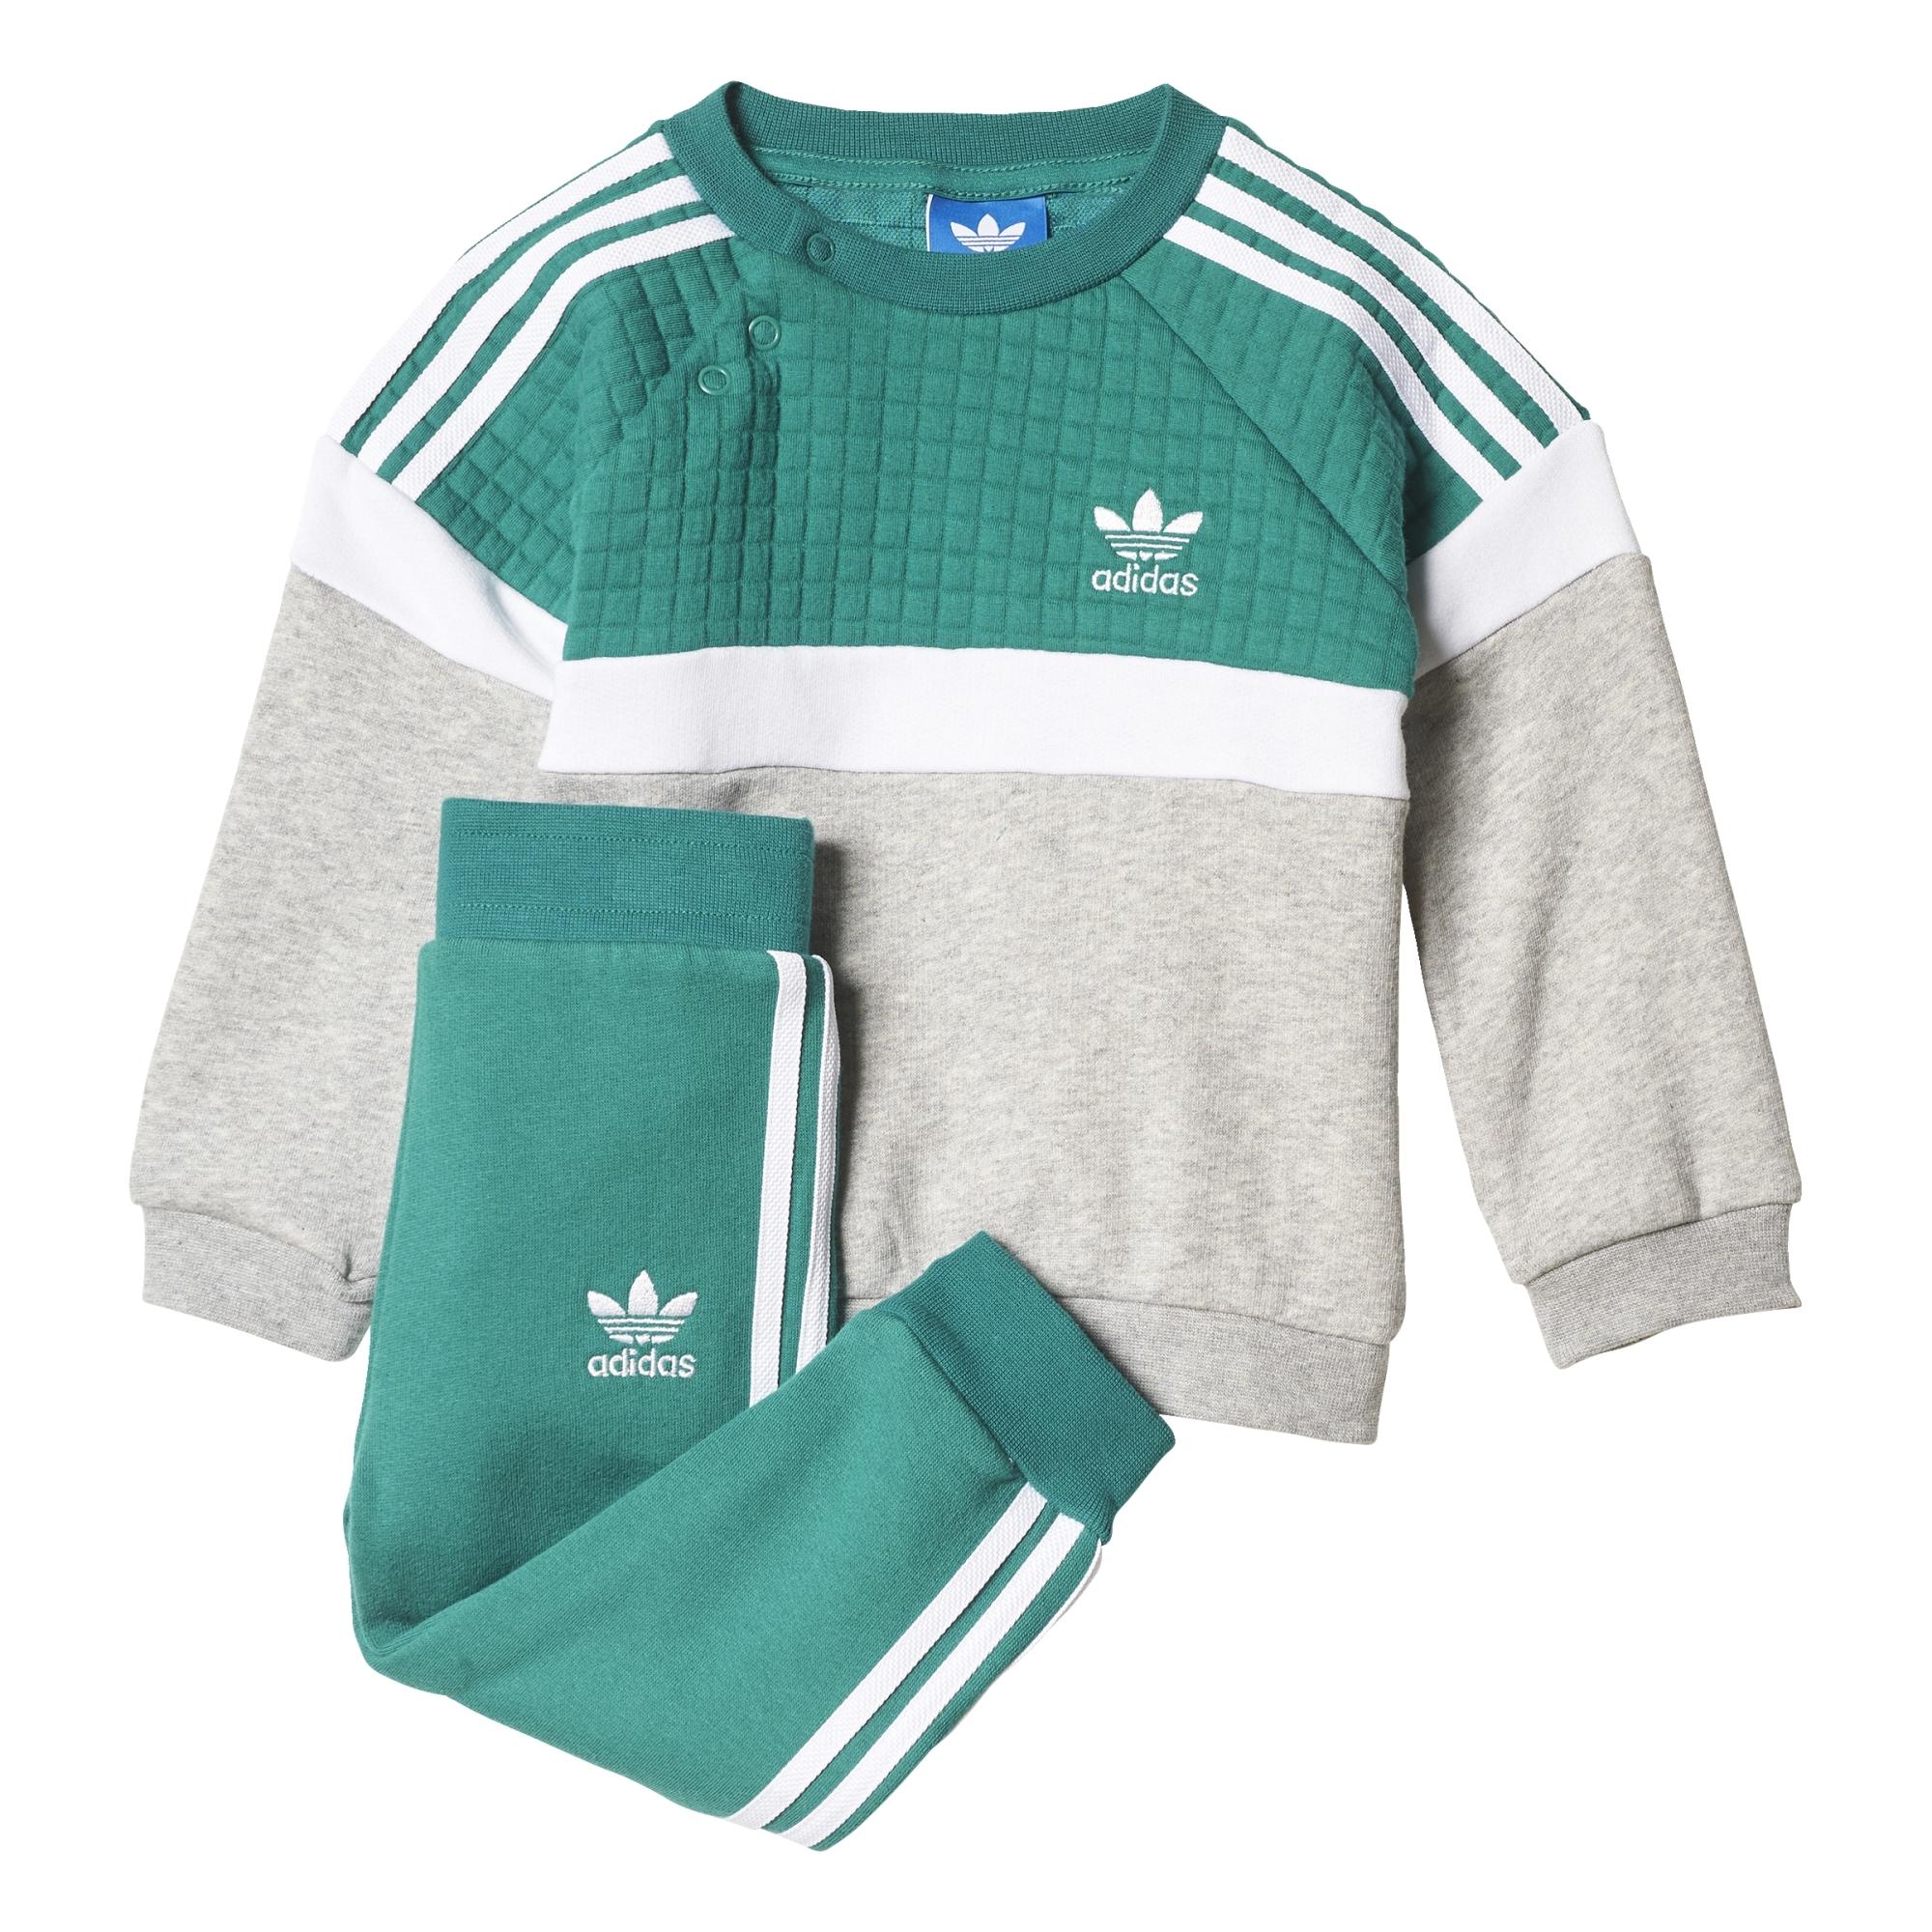 Adidas originals trefoil pantalon de survêtement sub